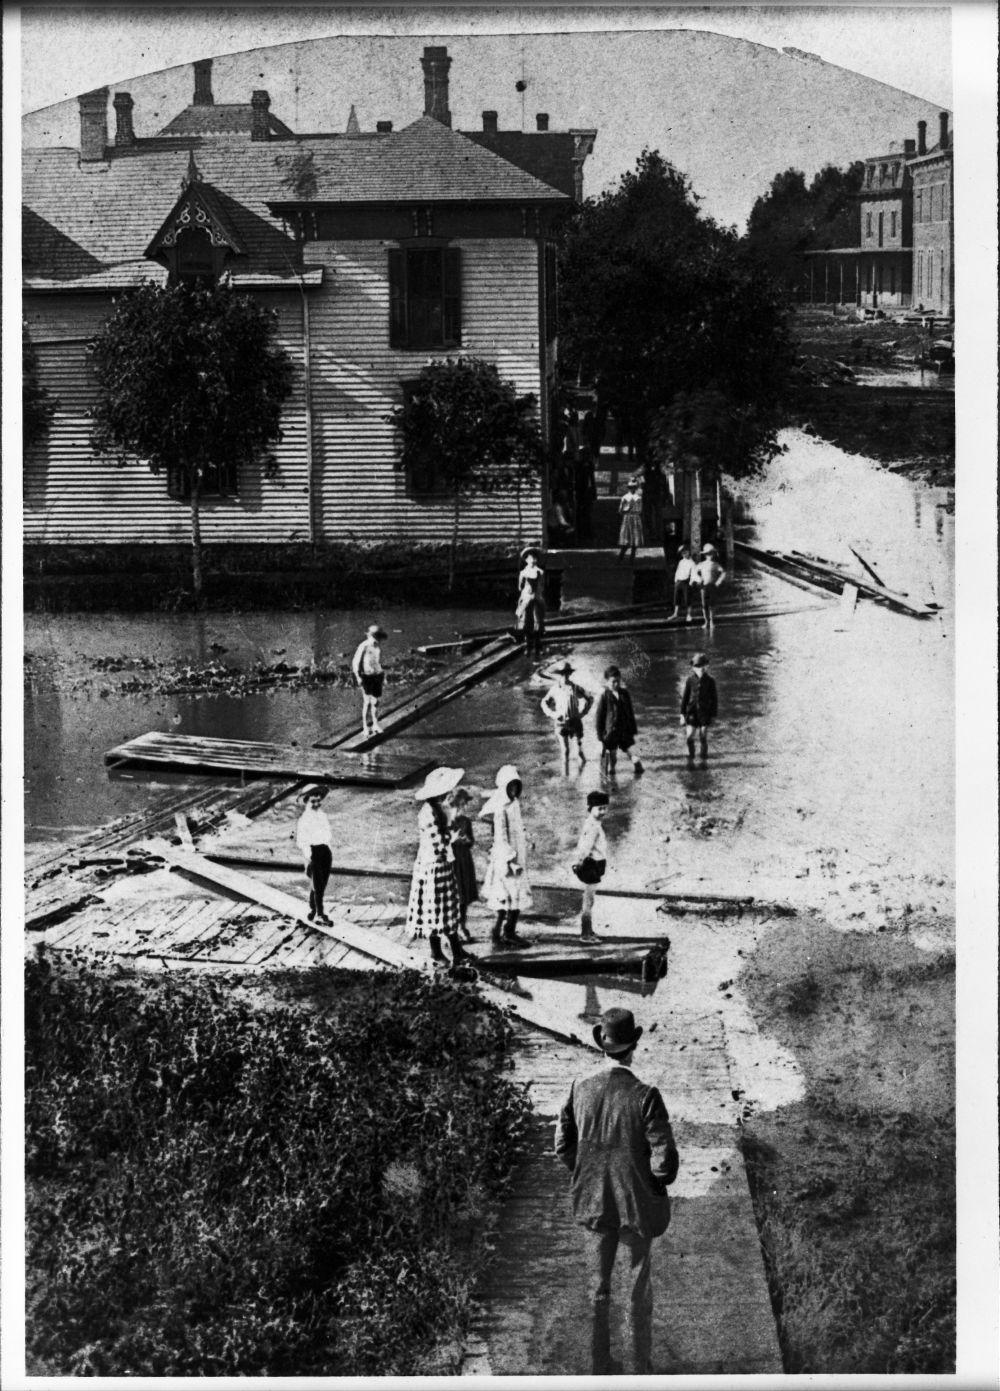 Flood waters in Abilene, Kansas